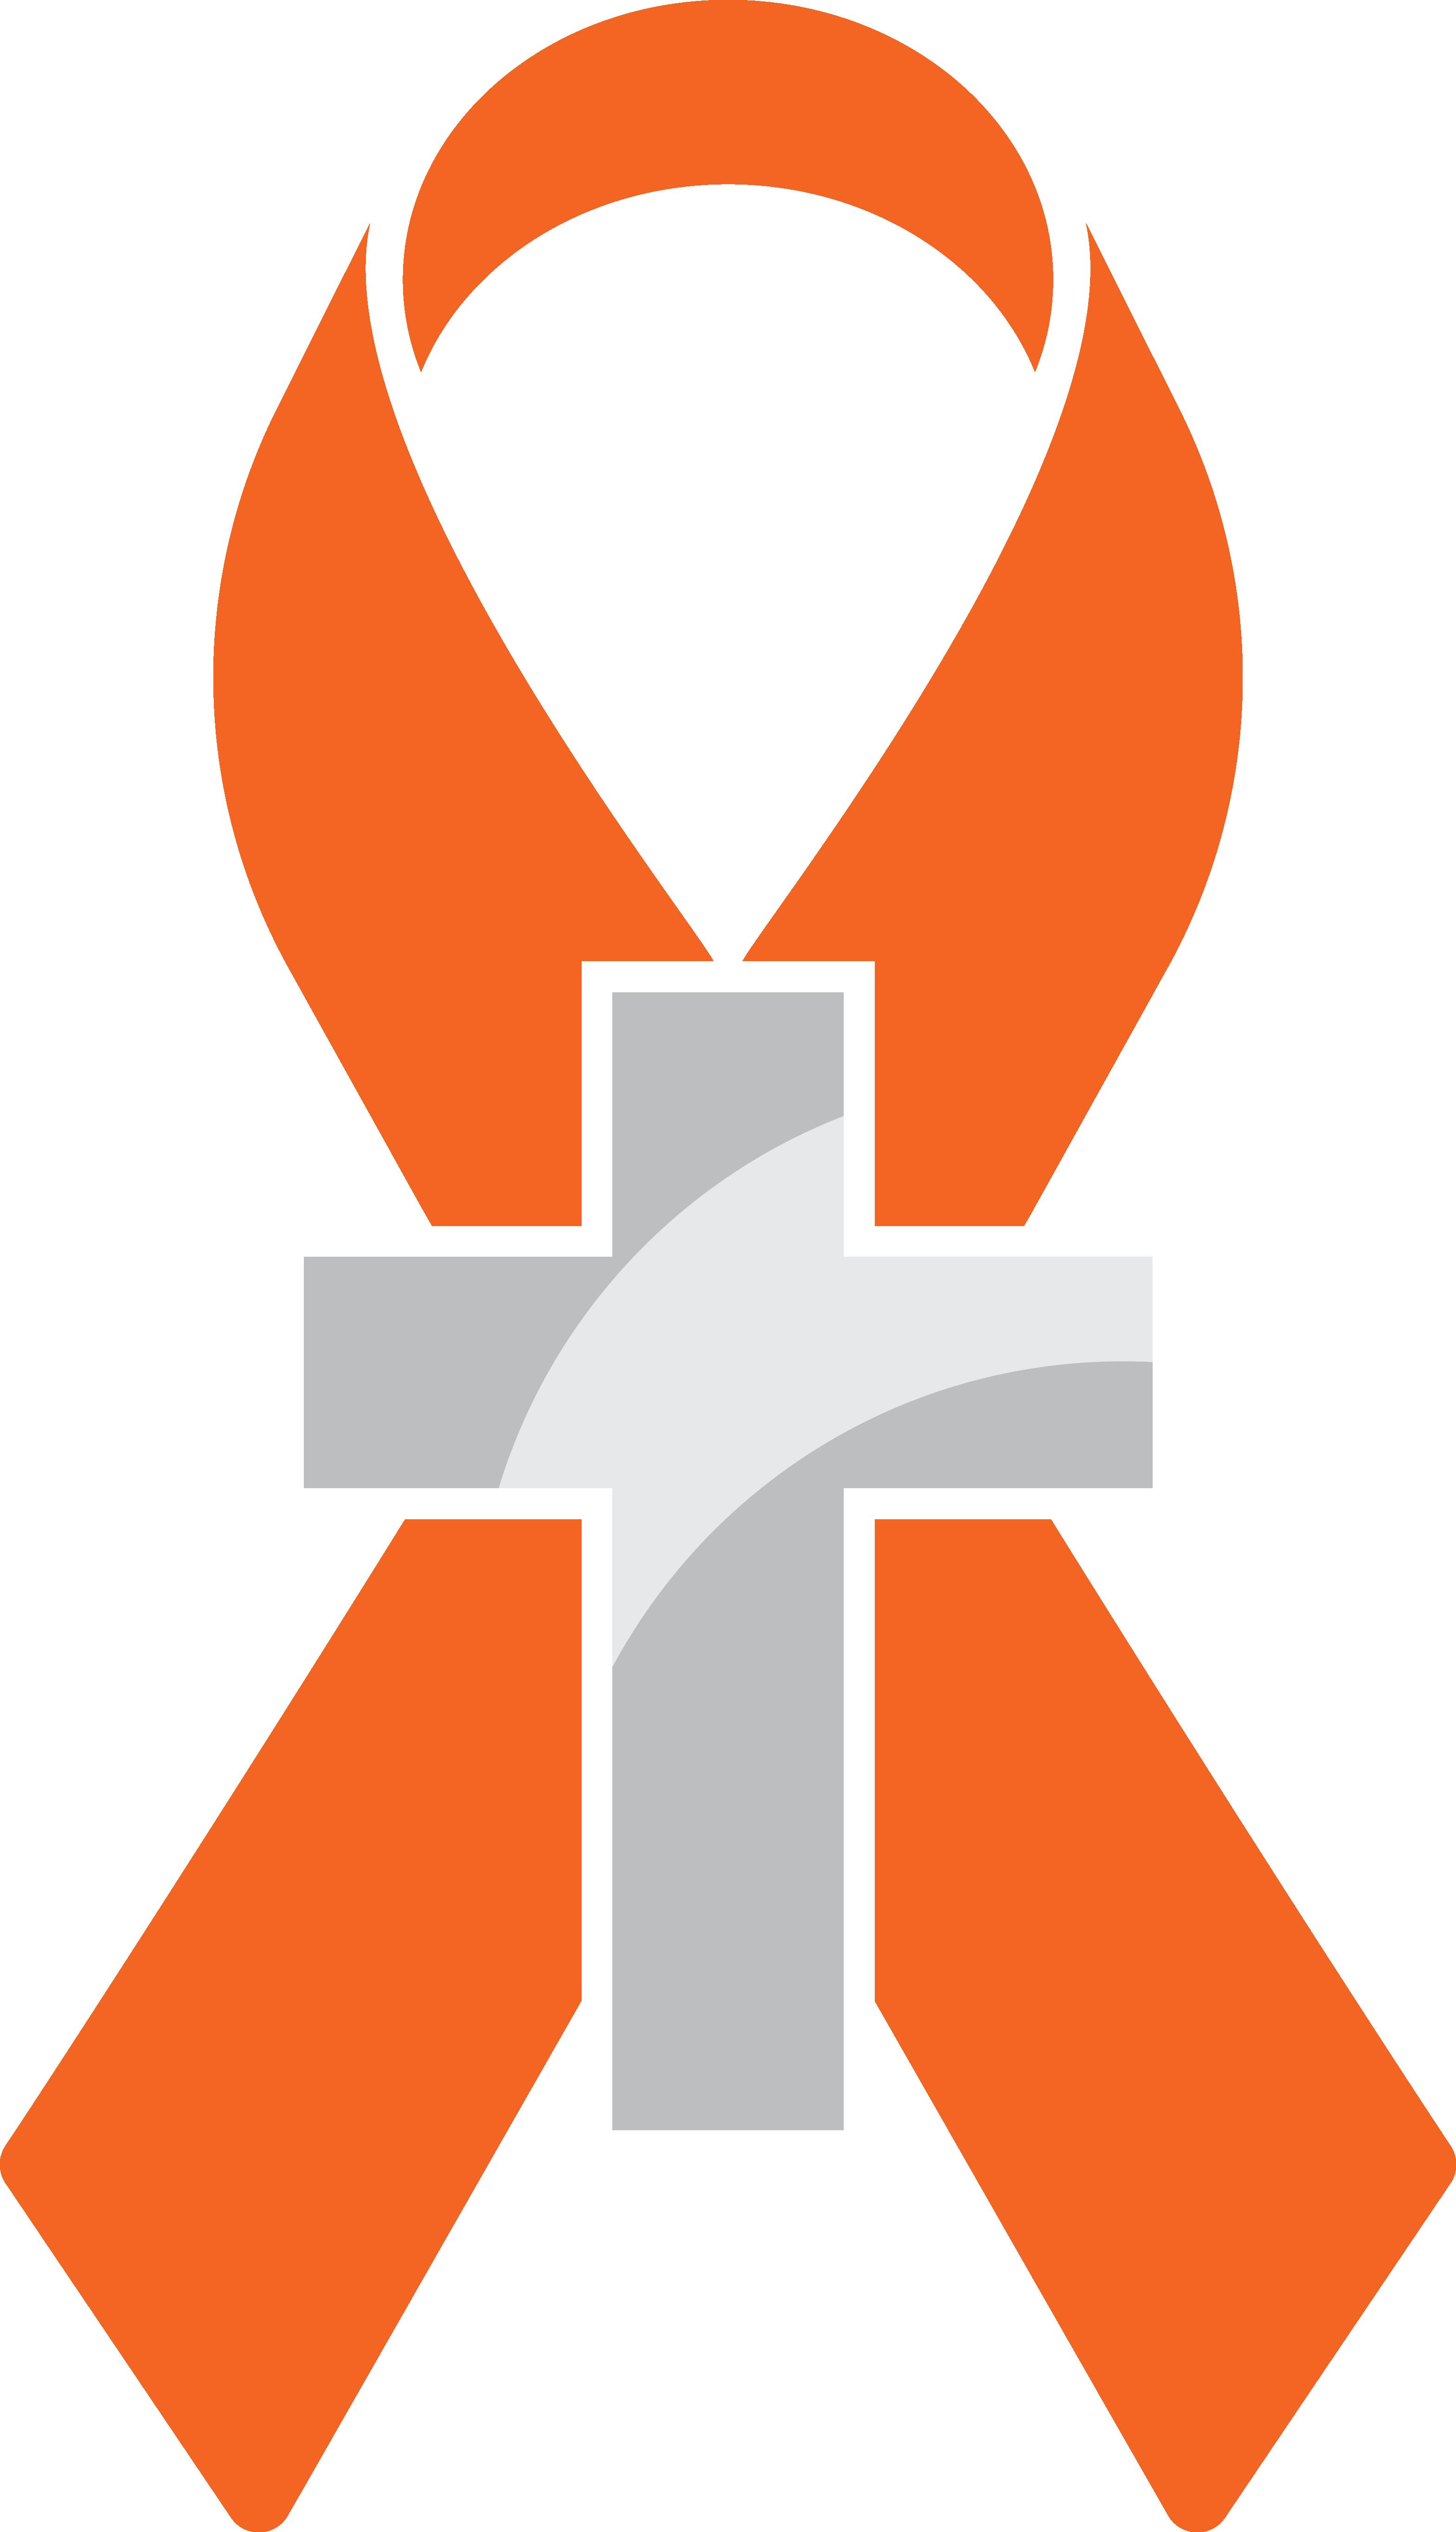 Operation Orange Ribbon